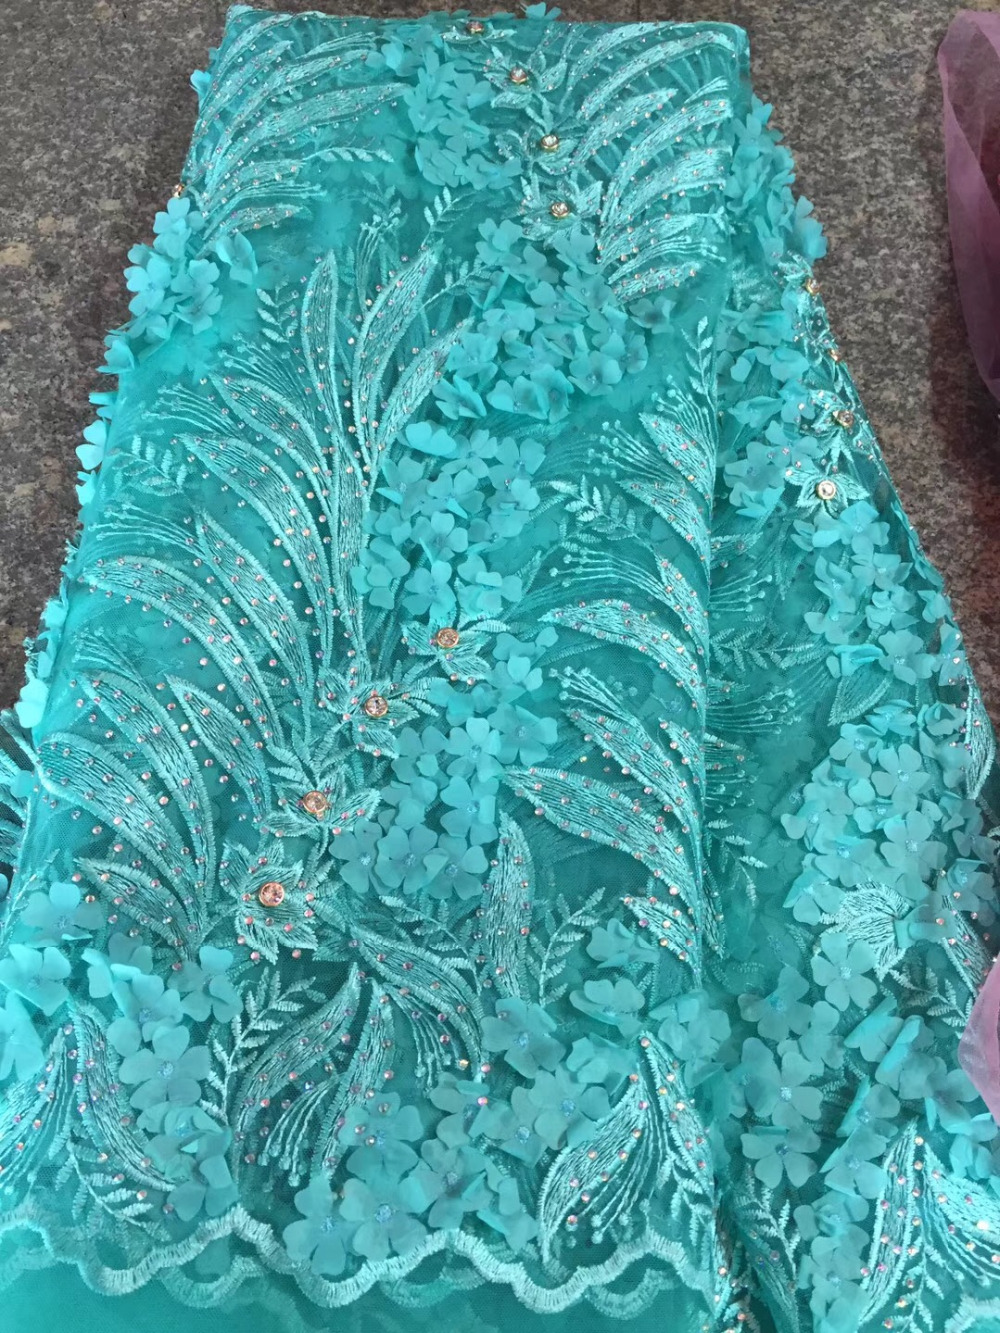 Hot vente de mode conçoit de haute qualité bleu 3D français dentelle tissu africain Tulle dentelle tissu avec de grandes pierres pour les matériaux de mariage